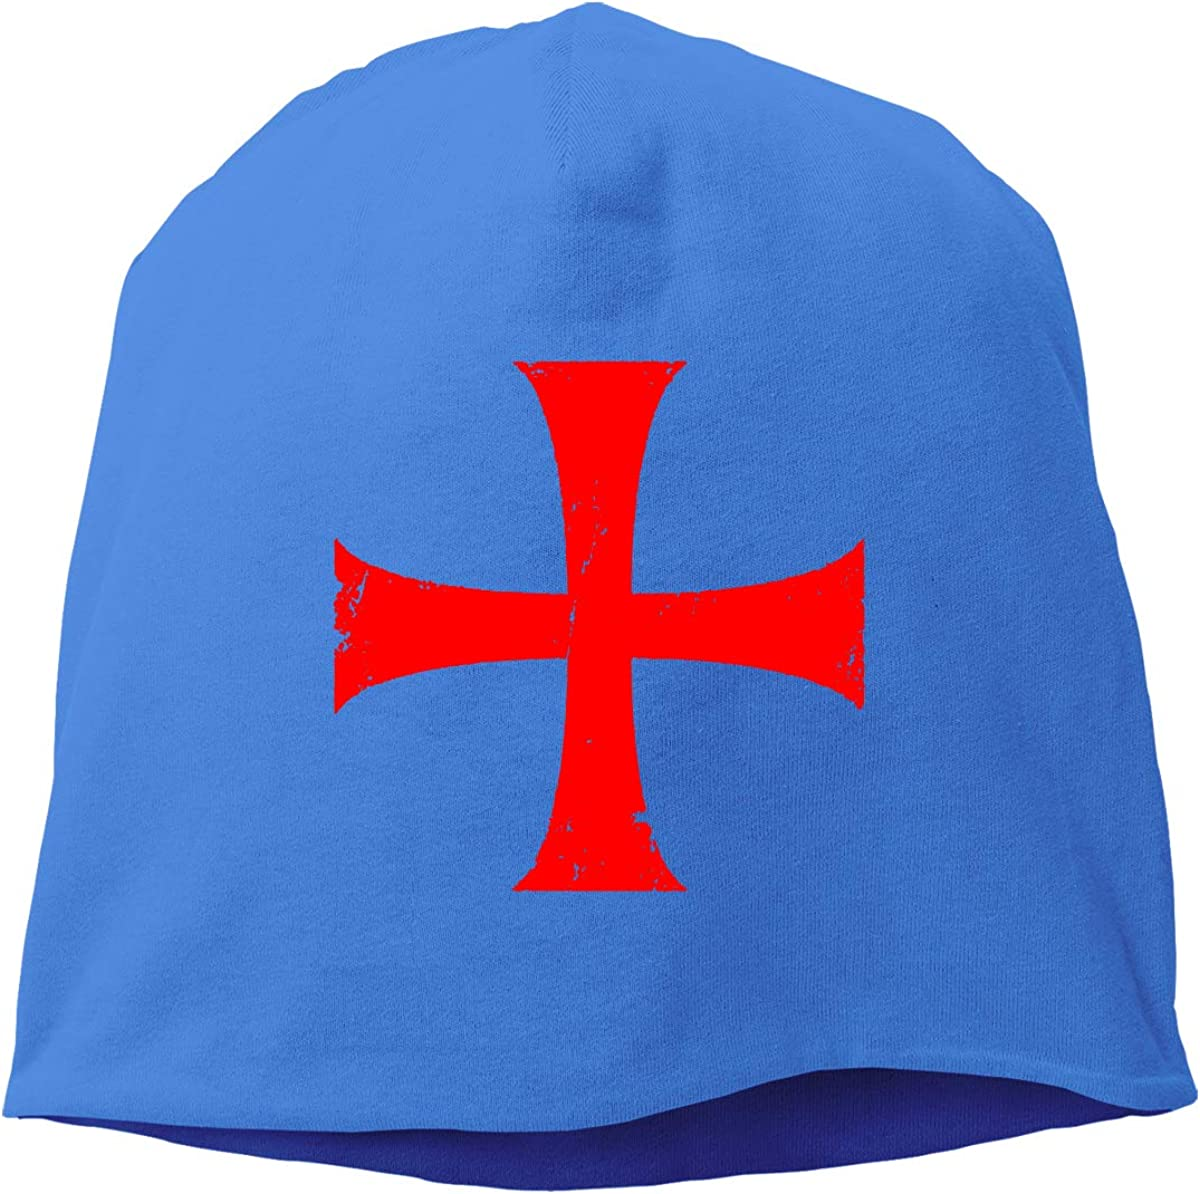 Distressed Crusader Knights Templar Cross Helmet Liner Thin Skull Cap Beanie Hip Hop Hat